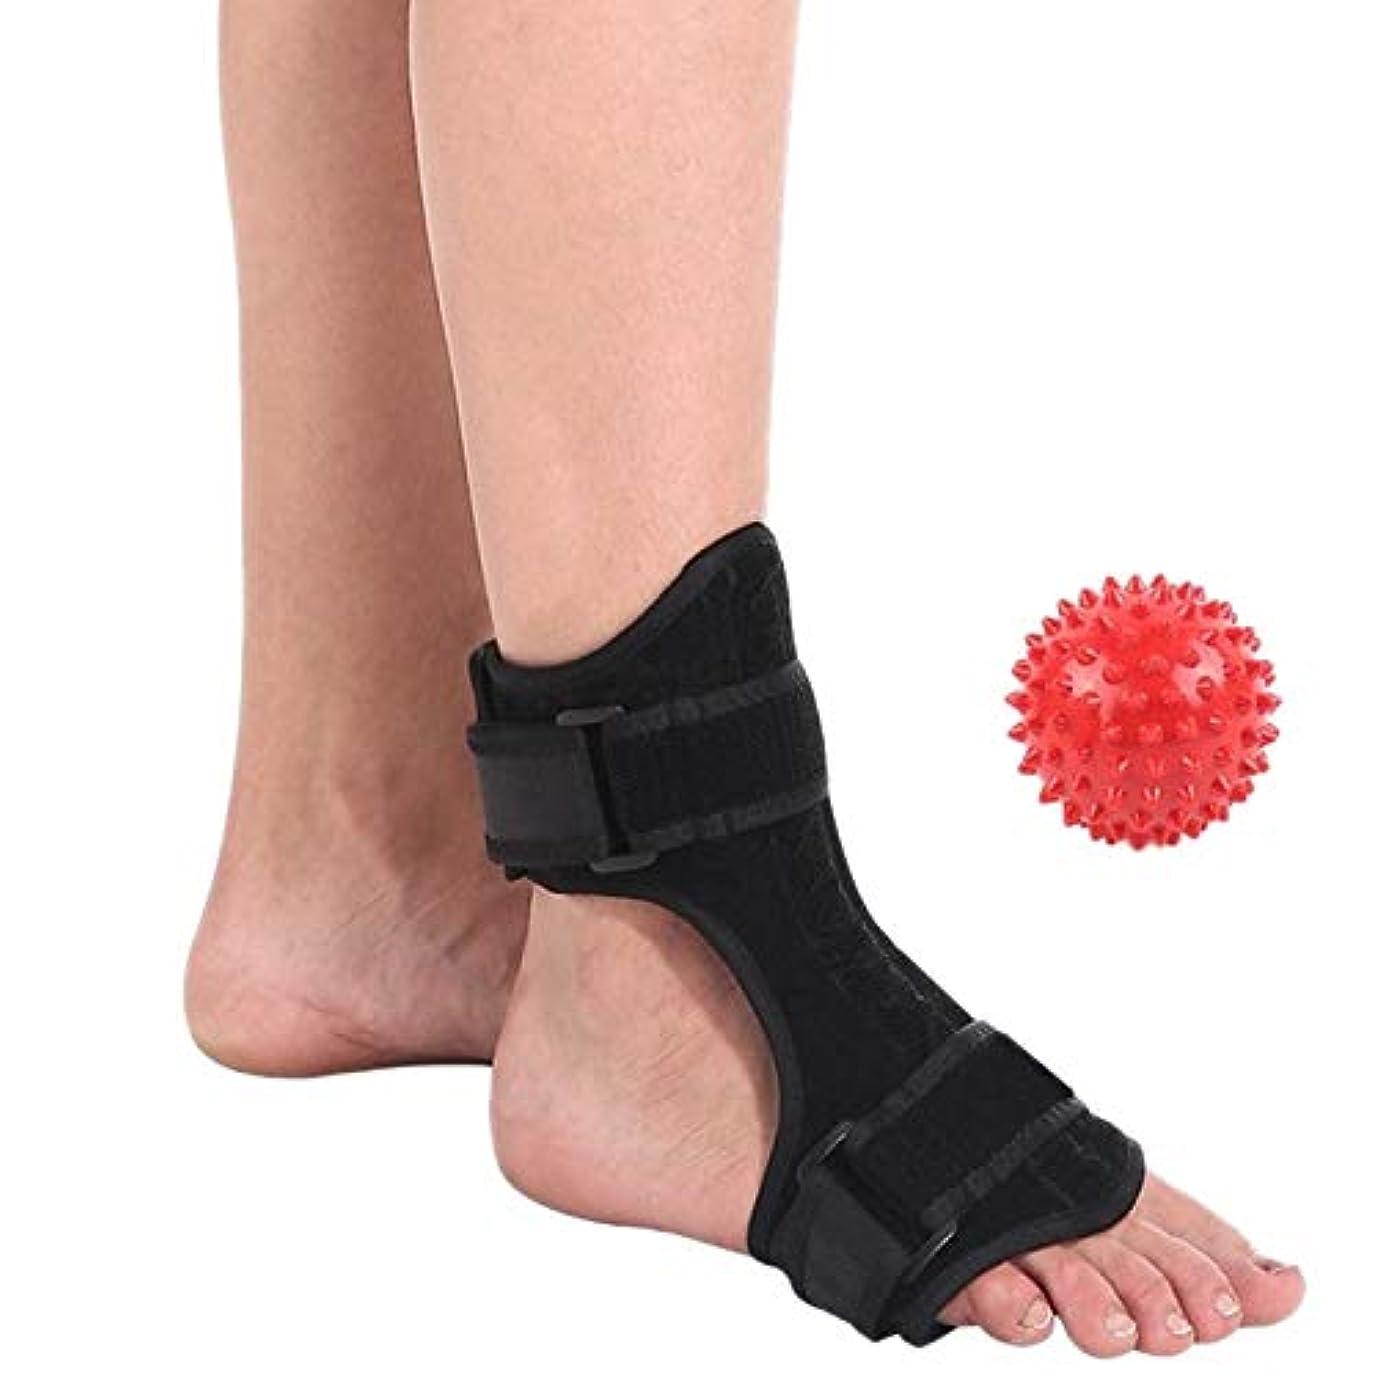 RETYLY 足底筋膜炎背側夜間&日副木足装具スタビライザー調節可能なドロップ足矯正装具サポート痛み緩和2